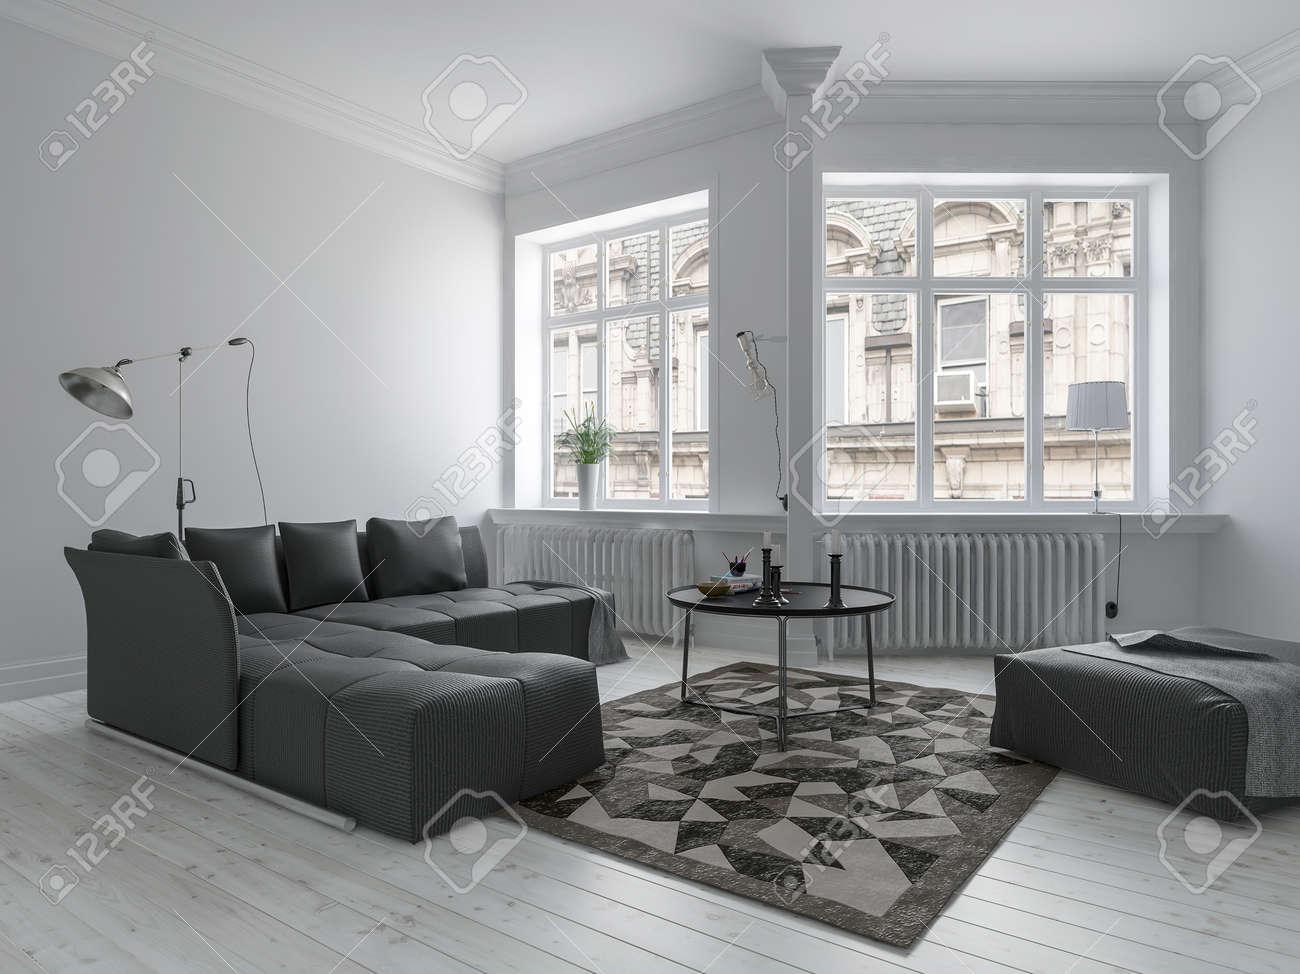 Helles Wohnzimmer In Minimalistischem Design Mit Weißen Wänden